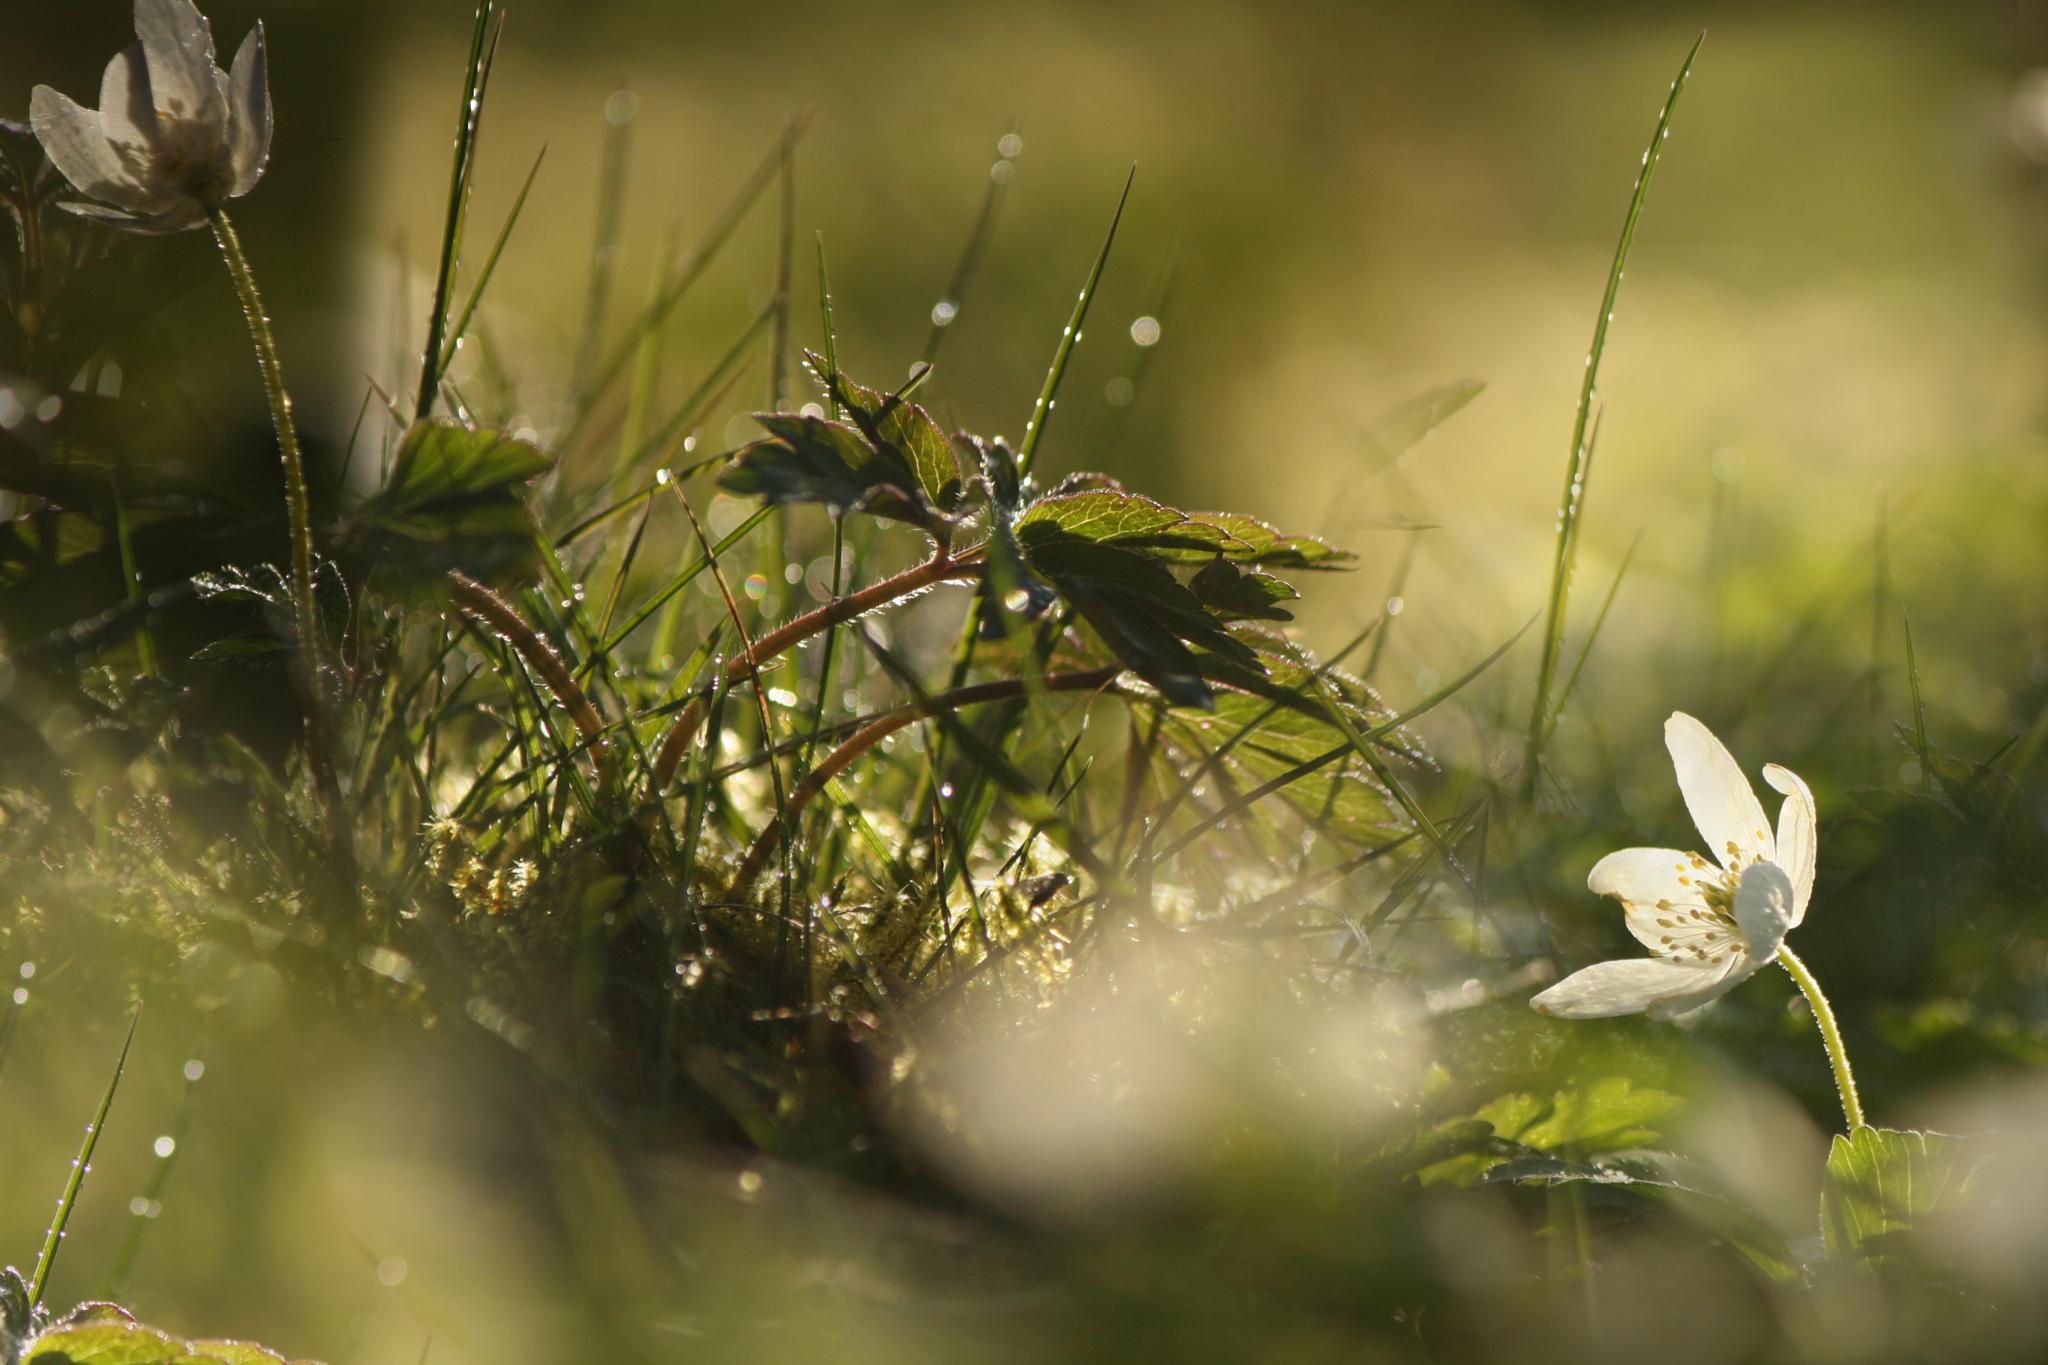 Welcome to my world by snezana.lindskog